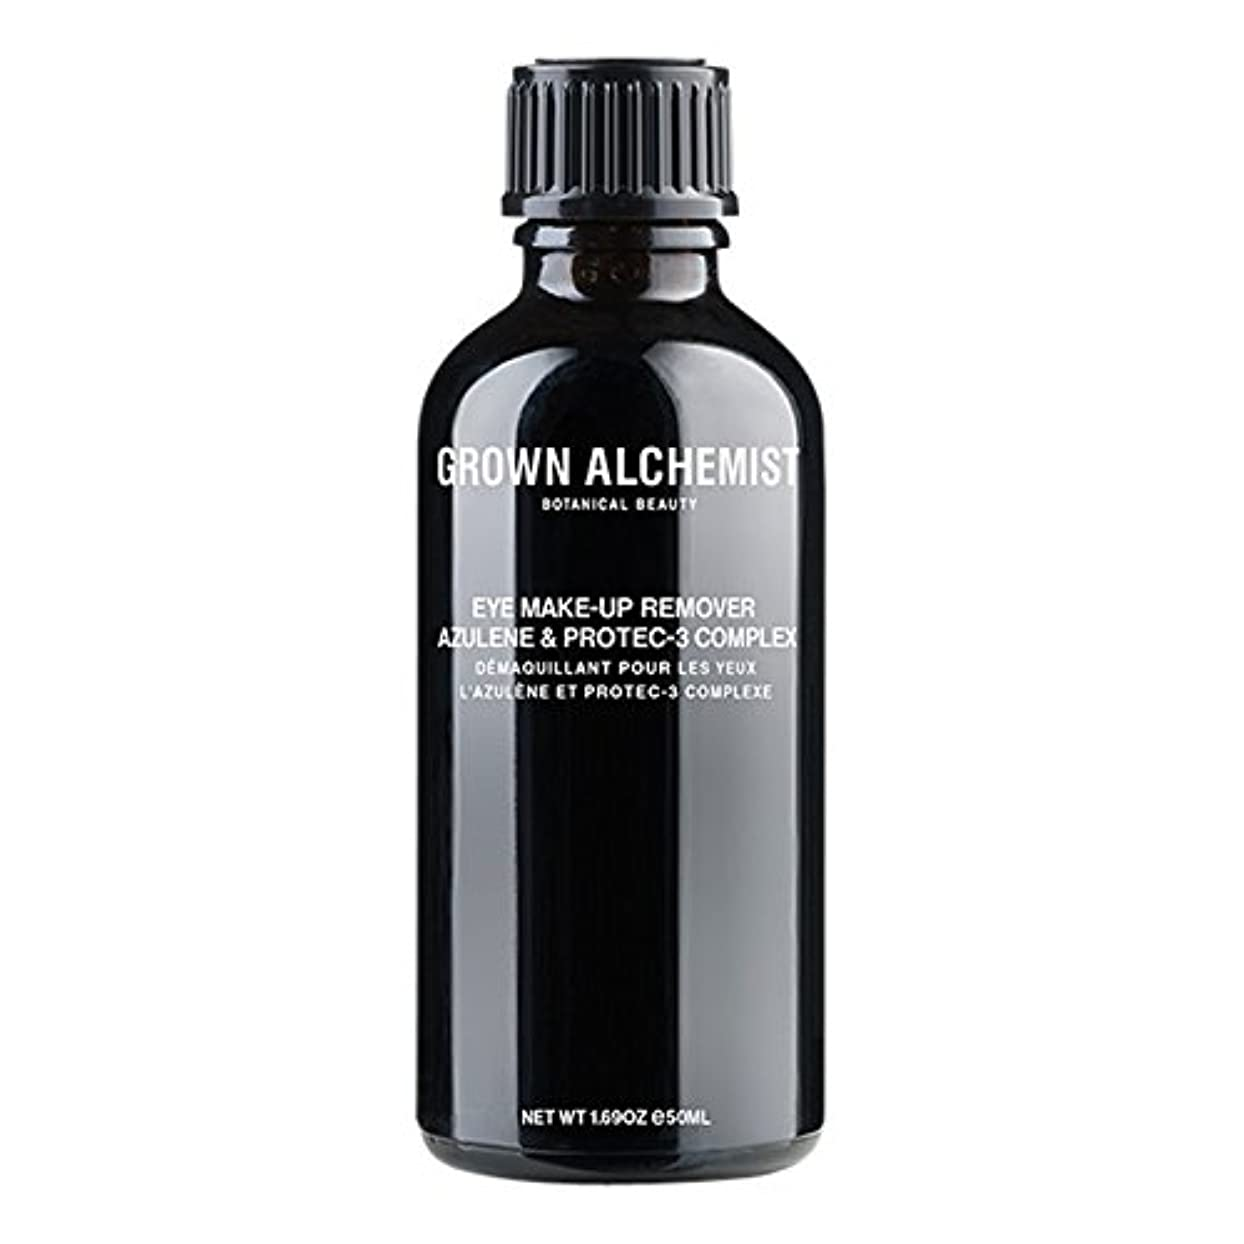 未満セマフォうるさい成長した錬金術師アズレン&Protec-3アイメイクアップリムーバーの50ミリリットル (Grown Alchemist) (x6) - Grown Alchemist Azulene & Protec-3 Eye-Makeup...